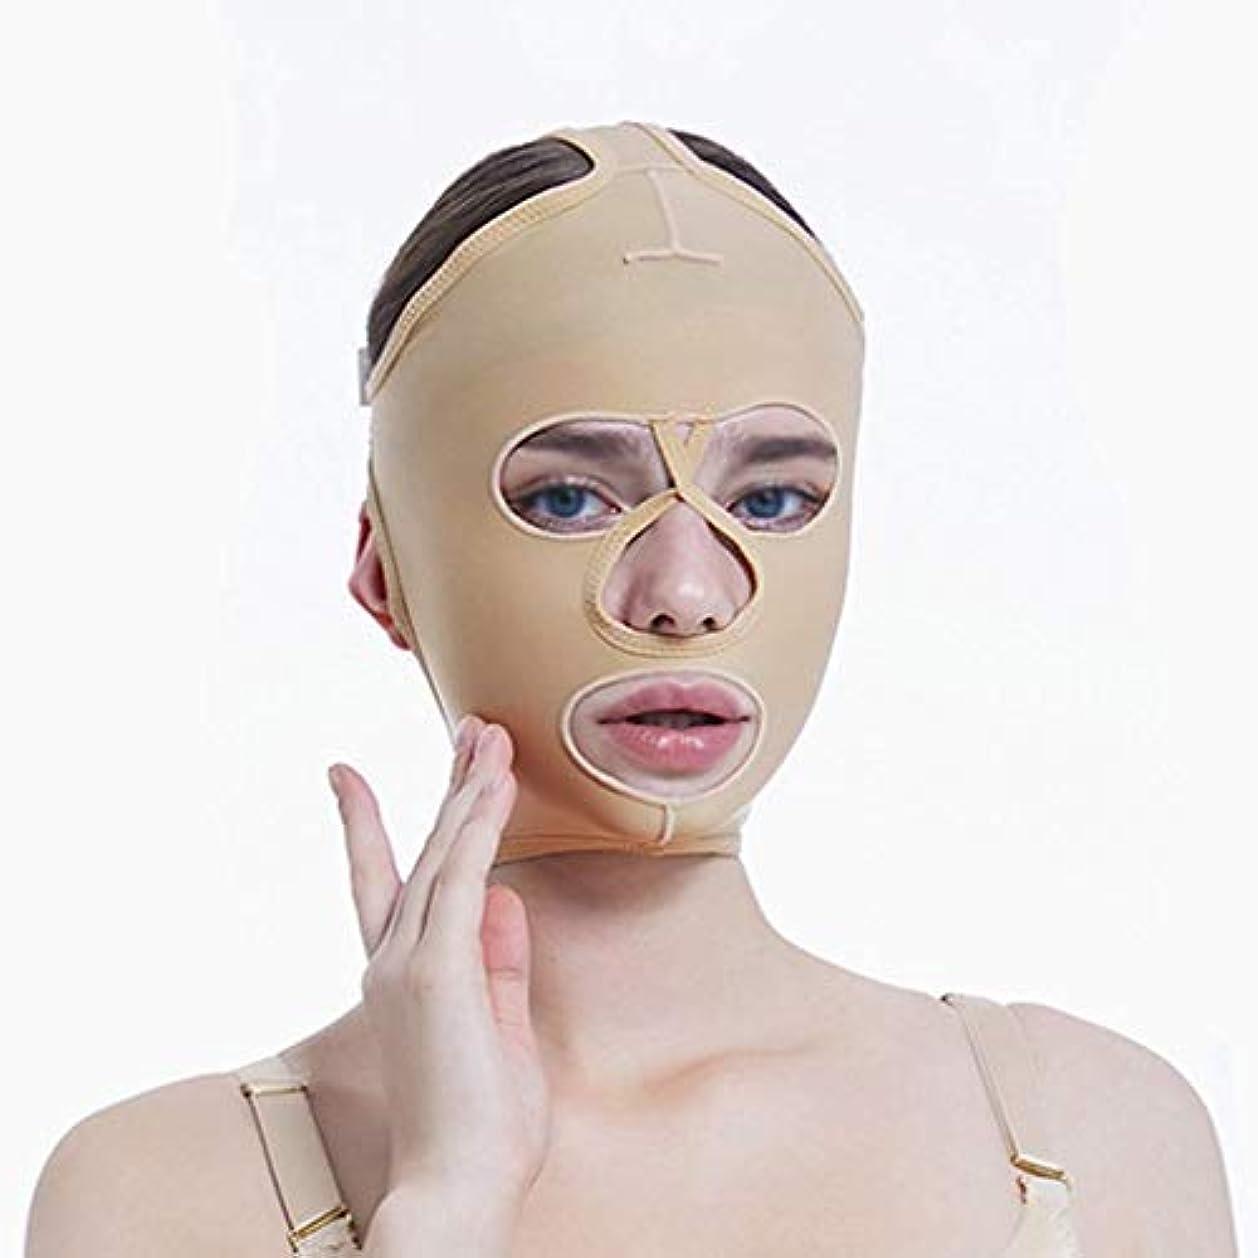 アッパーのぞき見ベイビーチンリフティングベルト、超薄型ベルト、引き締めマスク、包帯吊り、フェイスリフティングマスク、超薄型ベルト、通気性(サイズ:L),XS